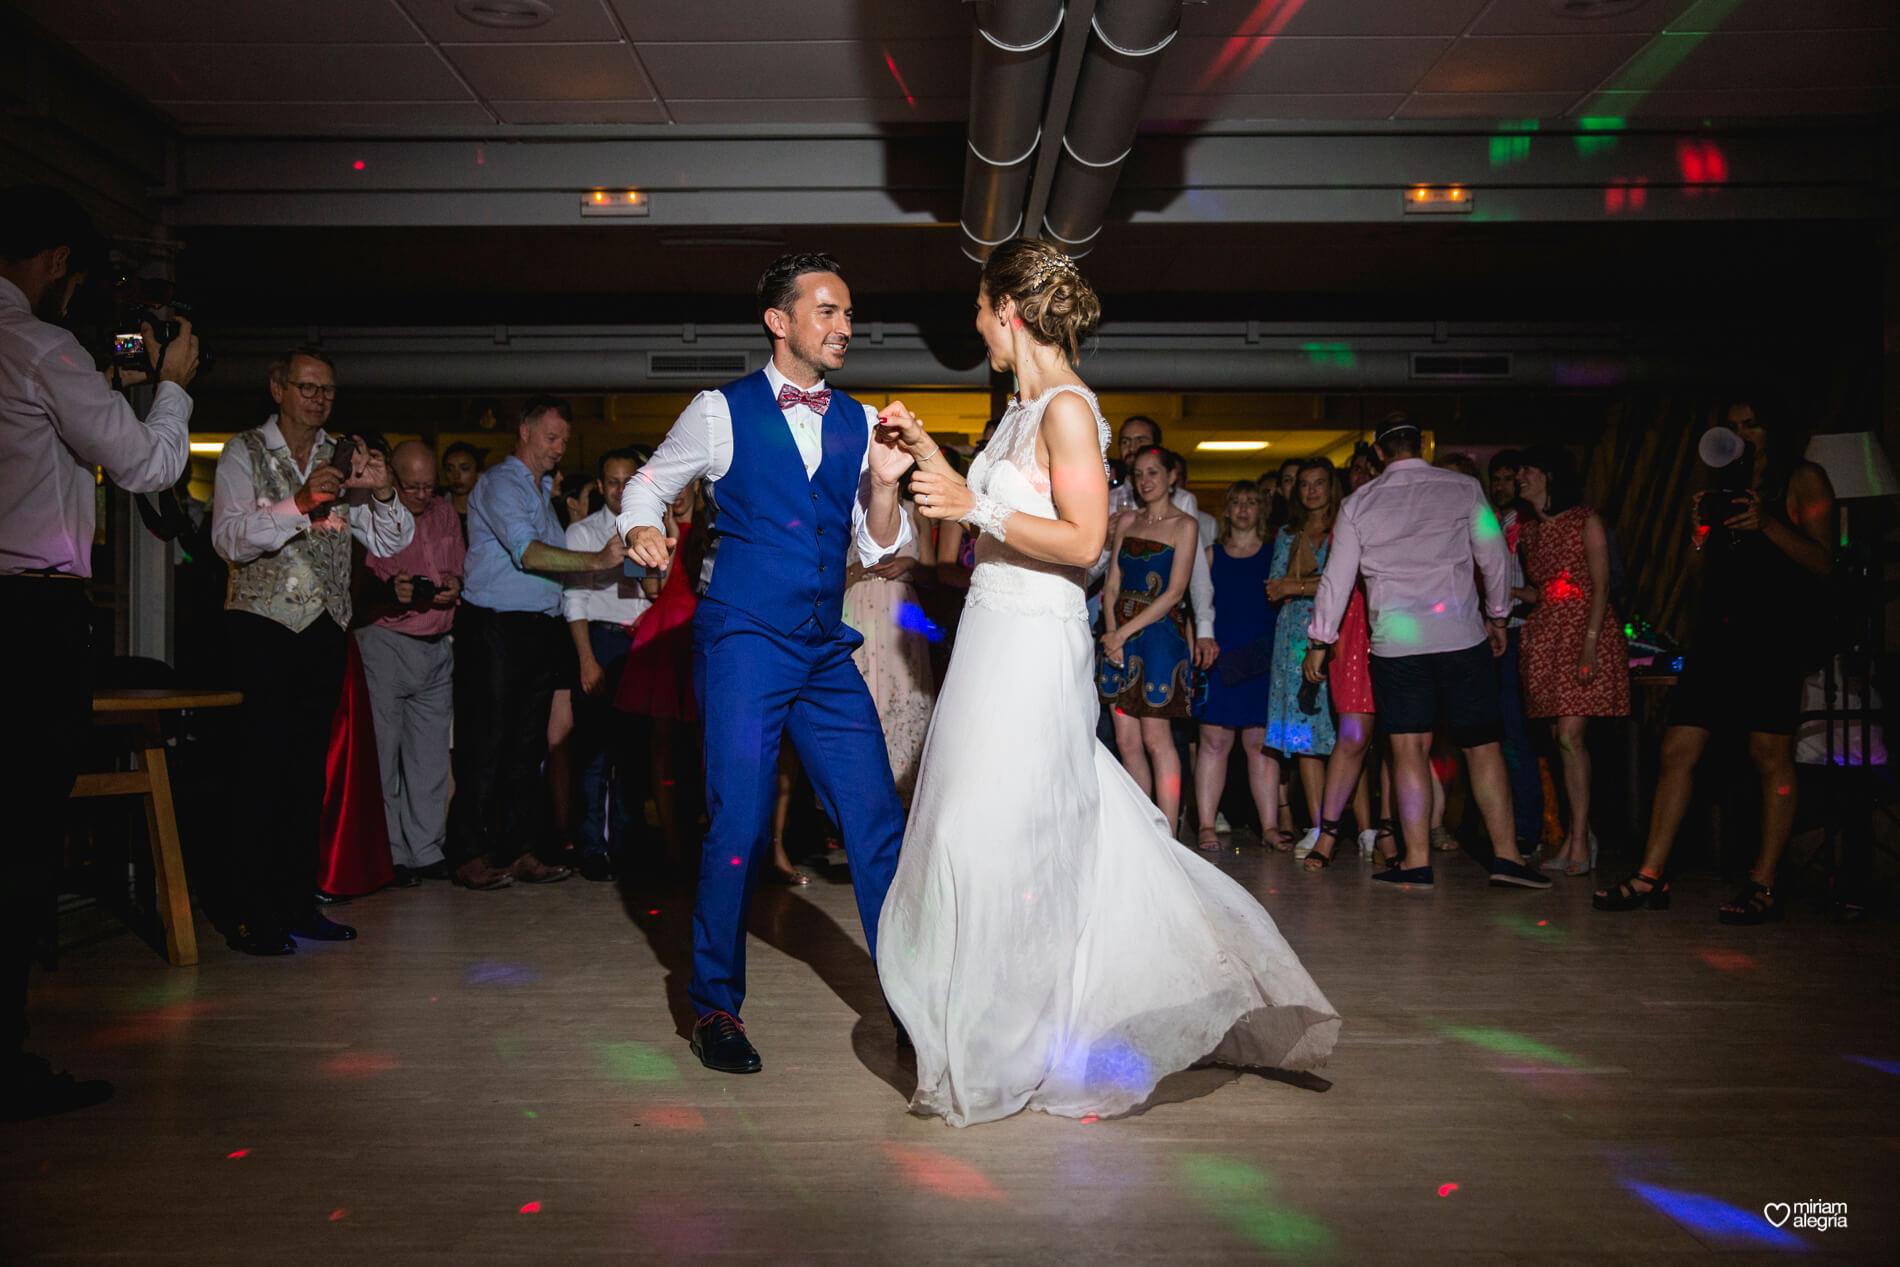 wedding-huerto-del-cura-elche-miriam-alegria-fotografos-boda-111